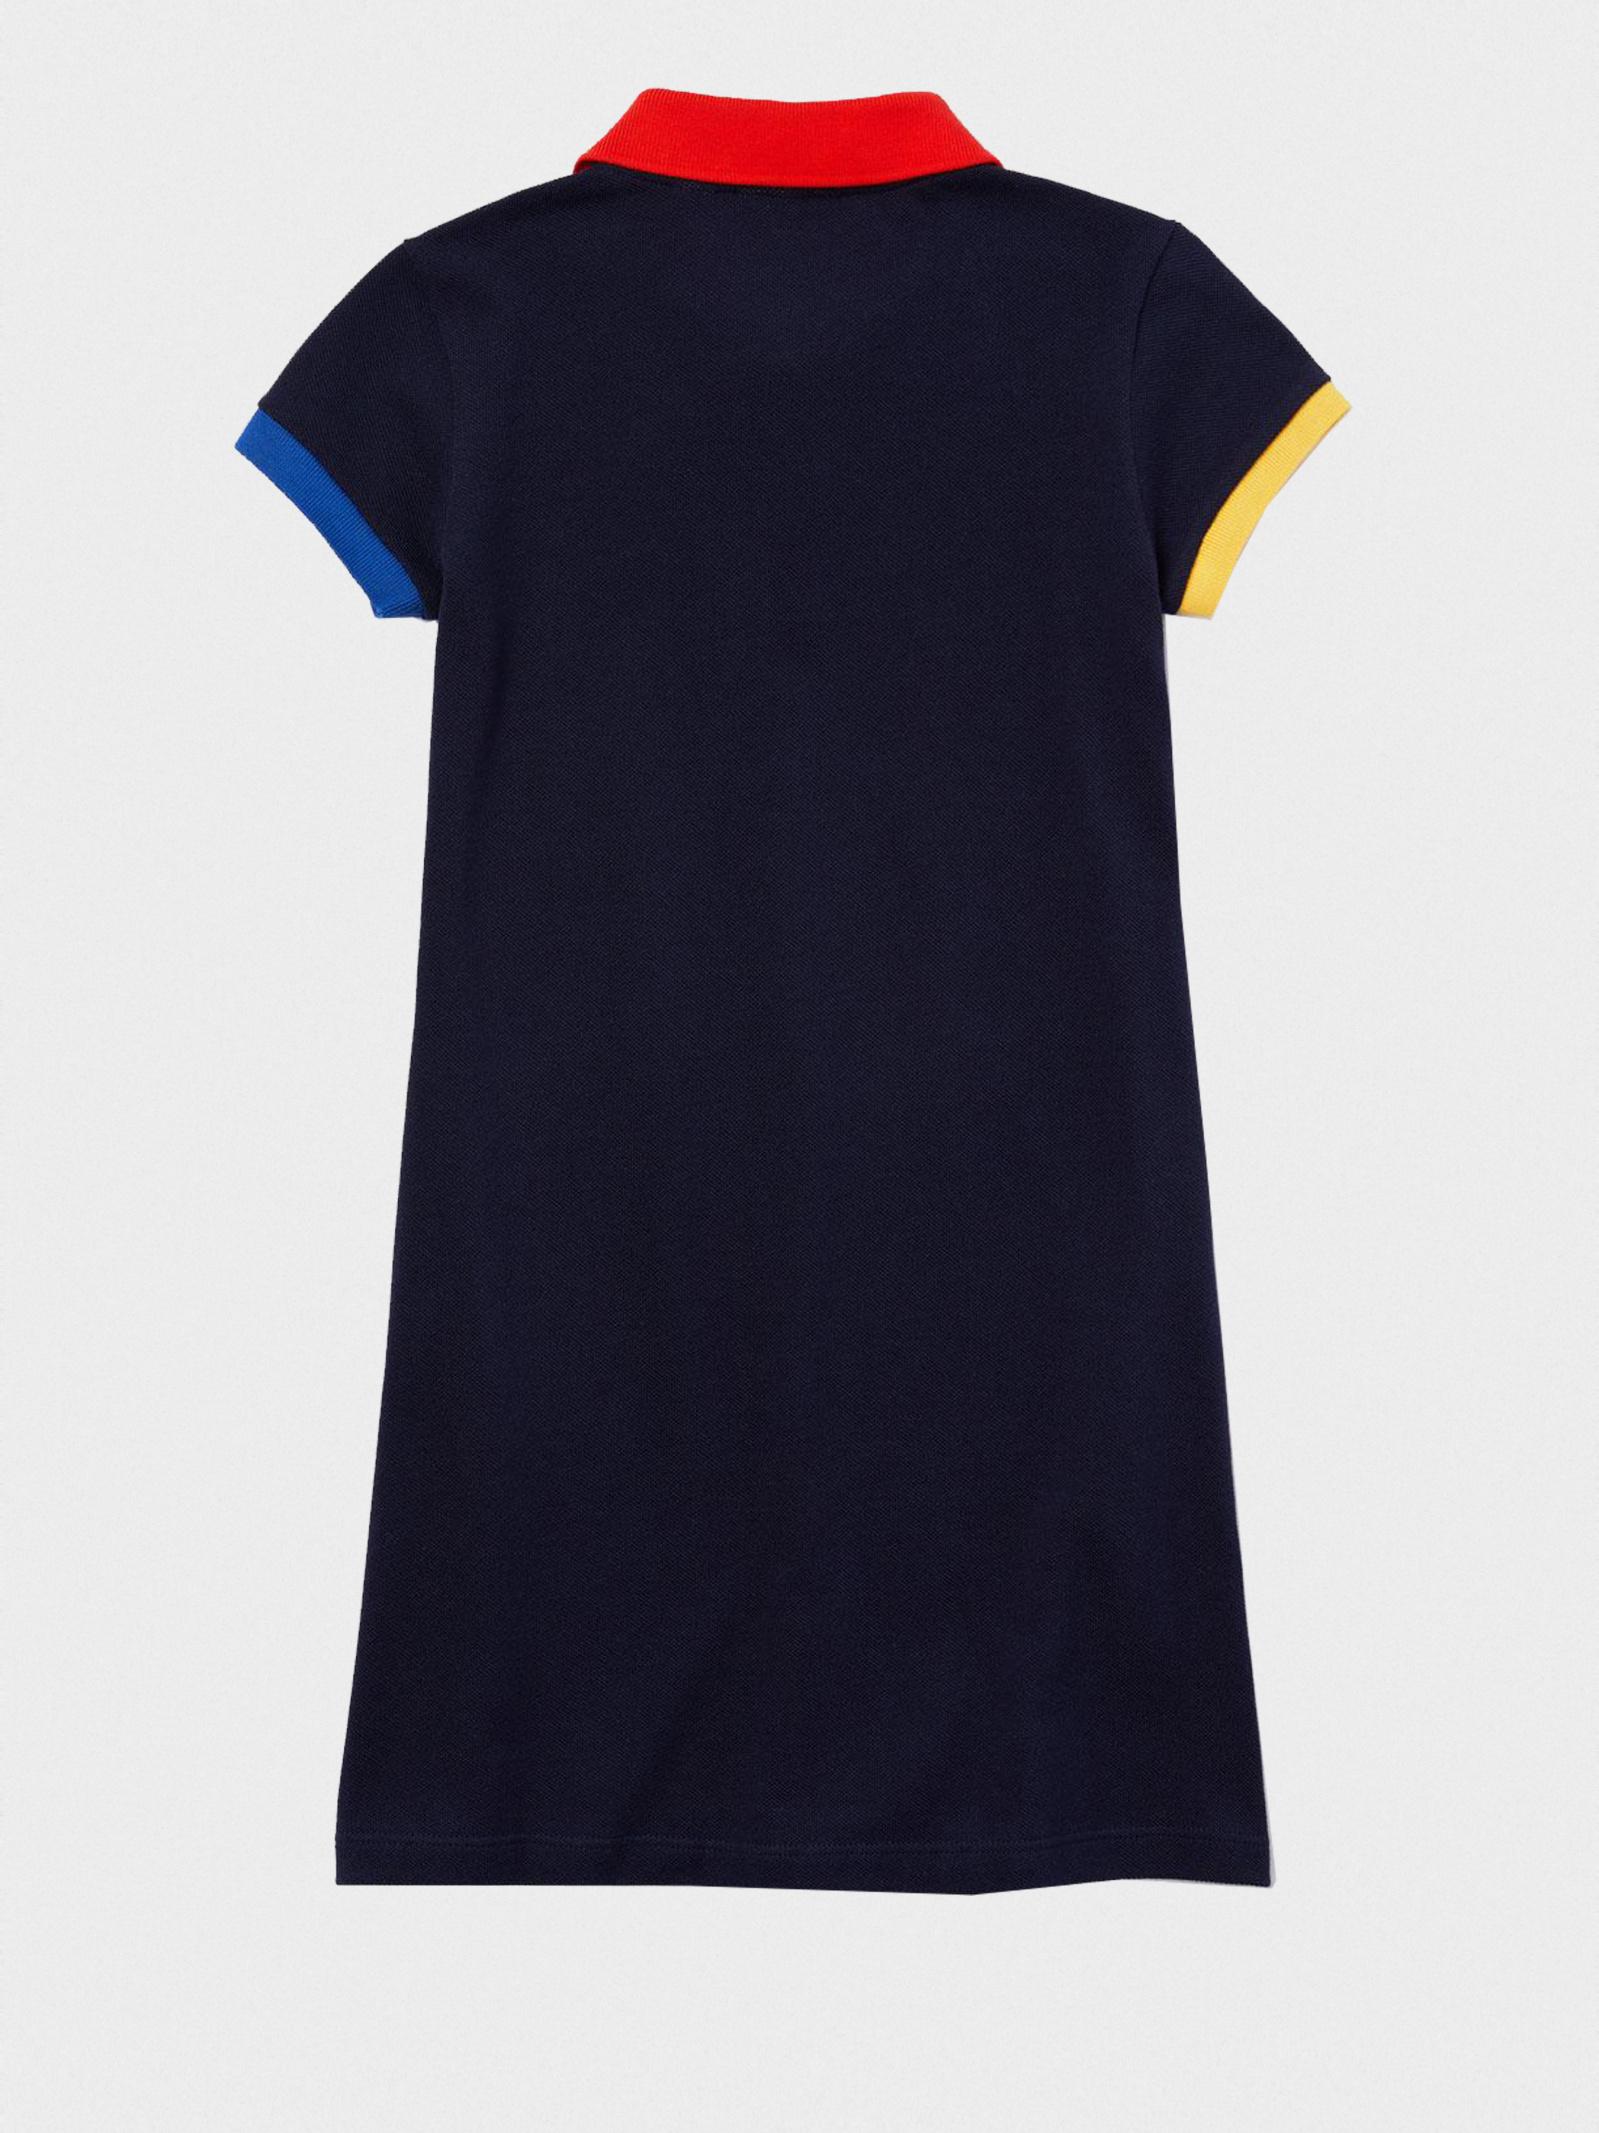 Платье детские Lacoste модель LL305 приобрести, 2017